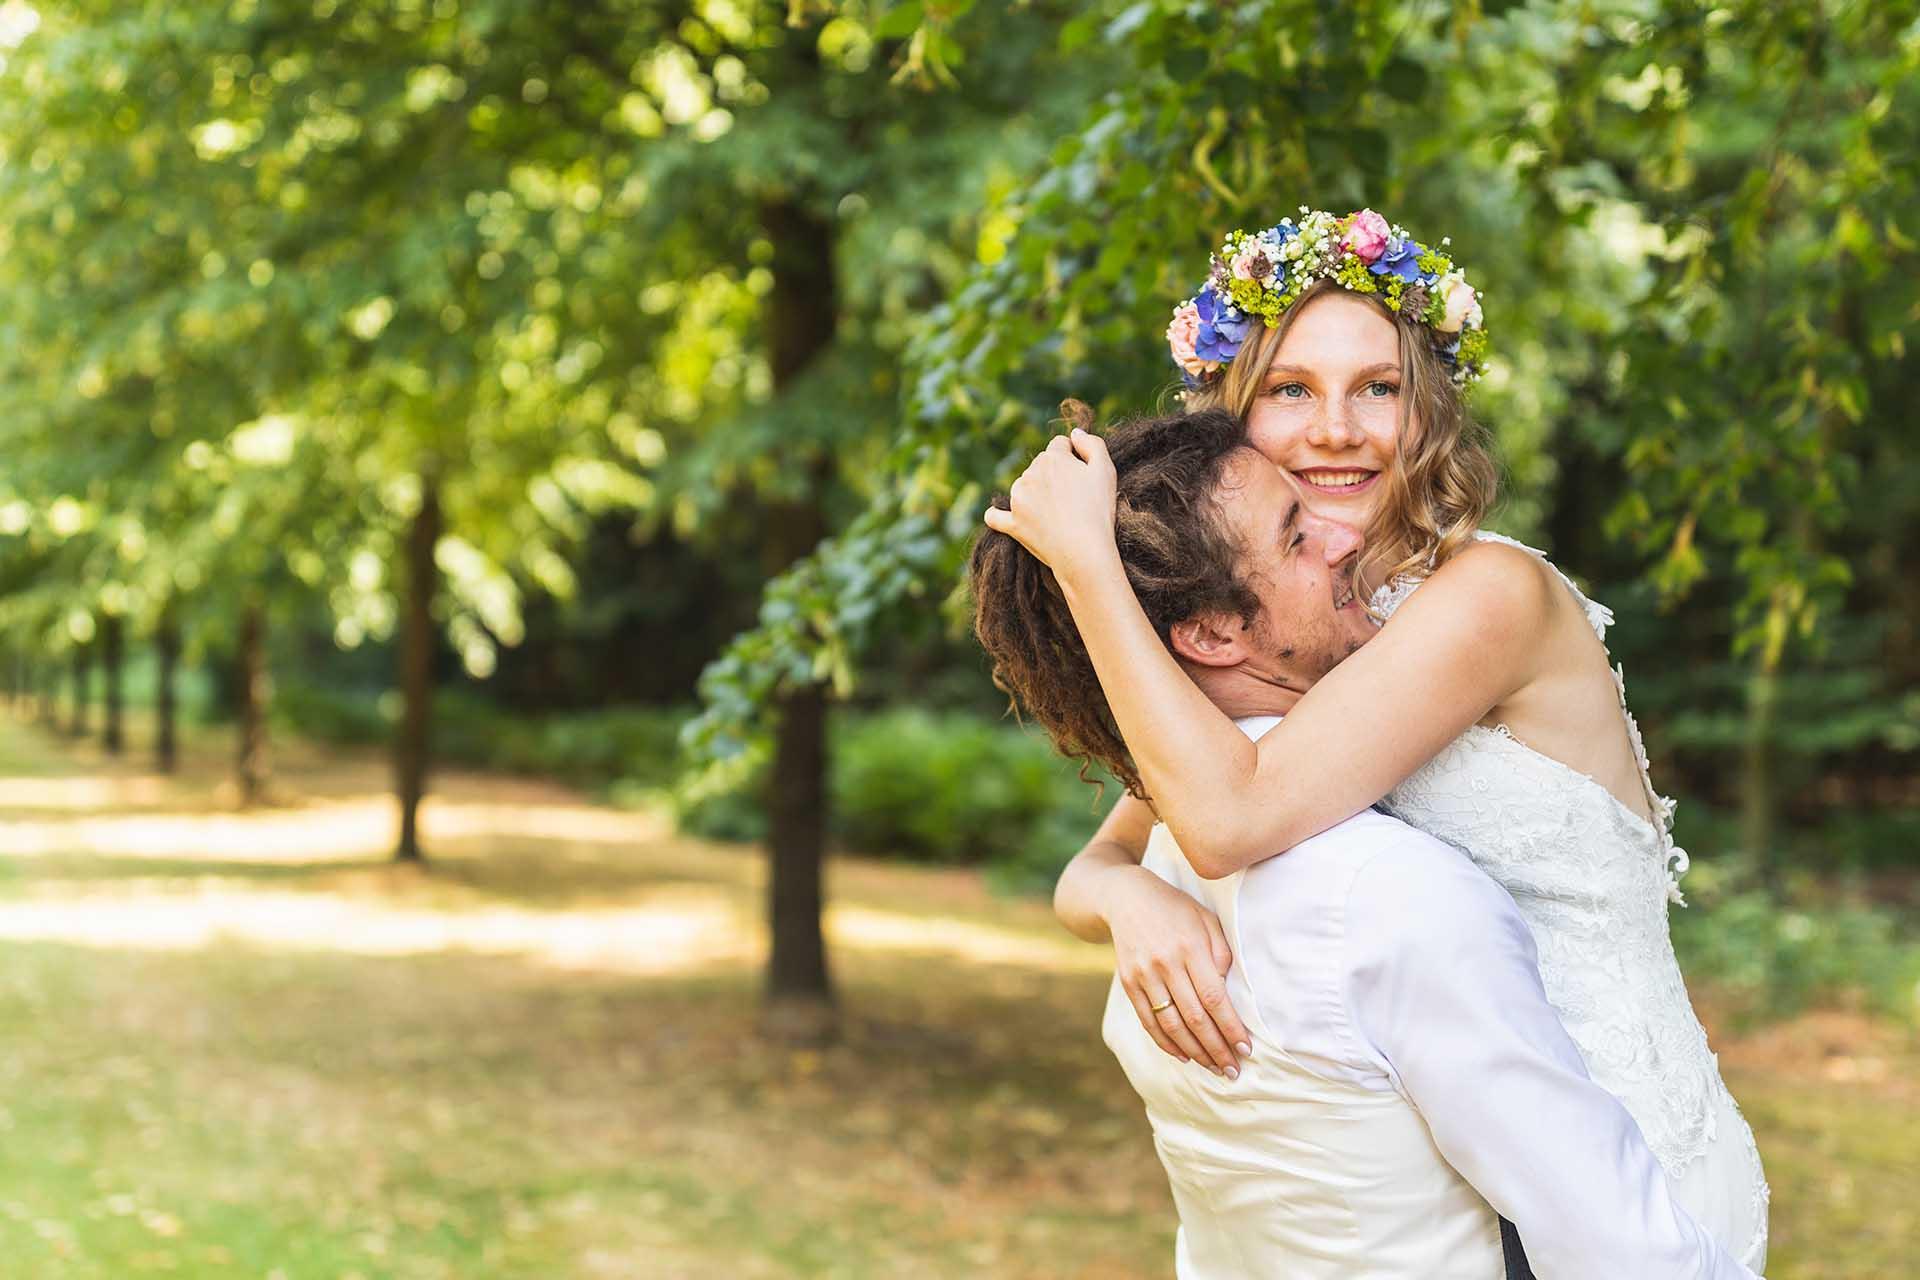 Jan Leschke Photography Brautpaarshooting mit Blumenkranz - Hochzeitsfotograf in Seelze